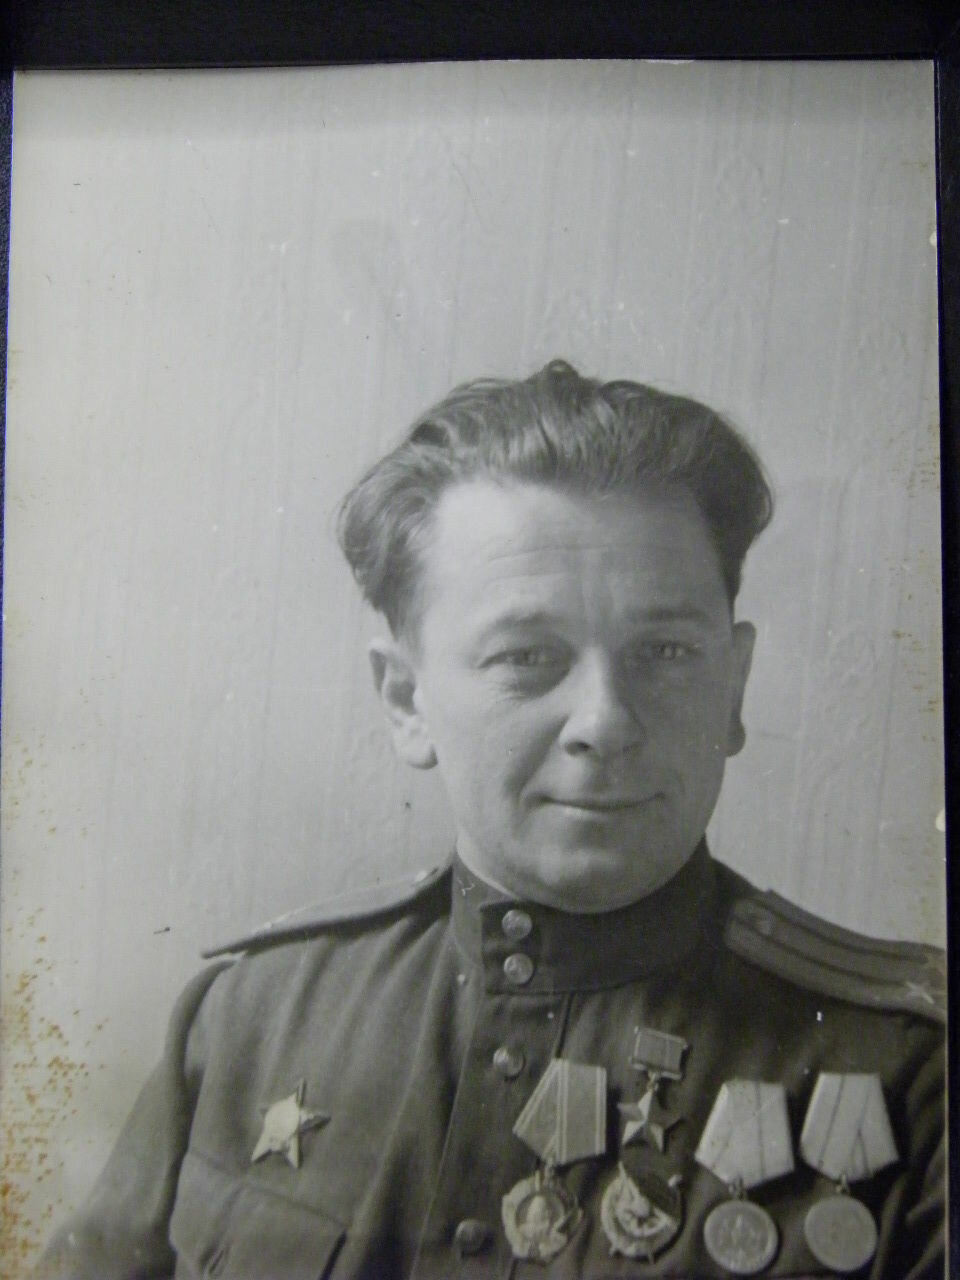 Дружинин Н.И. Командир партизанского отряда